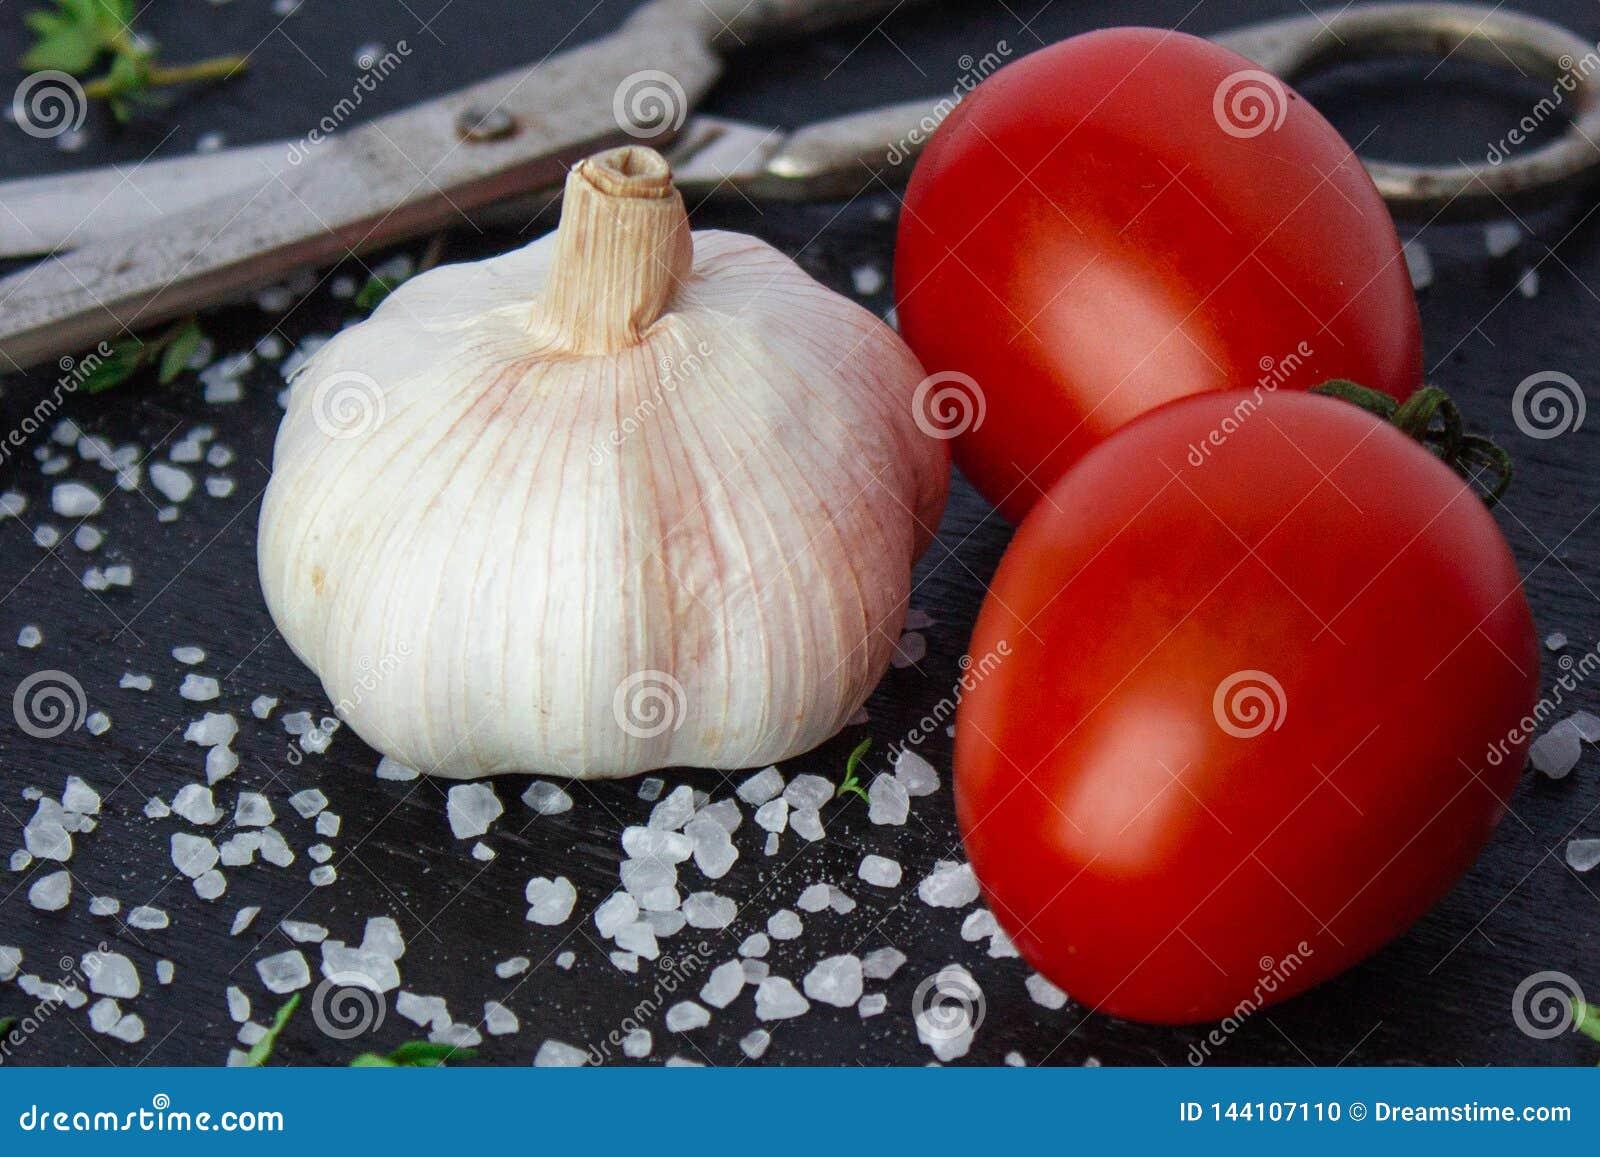 Tomaten in einem Teller auf einem schwarzen Hintergrund